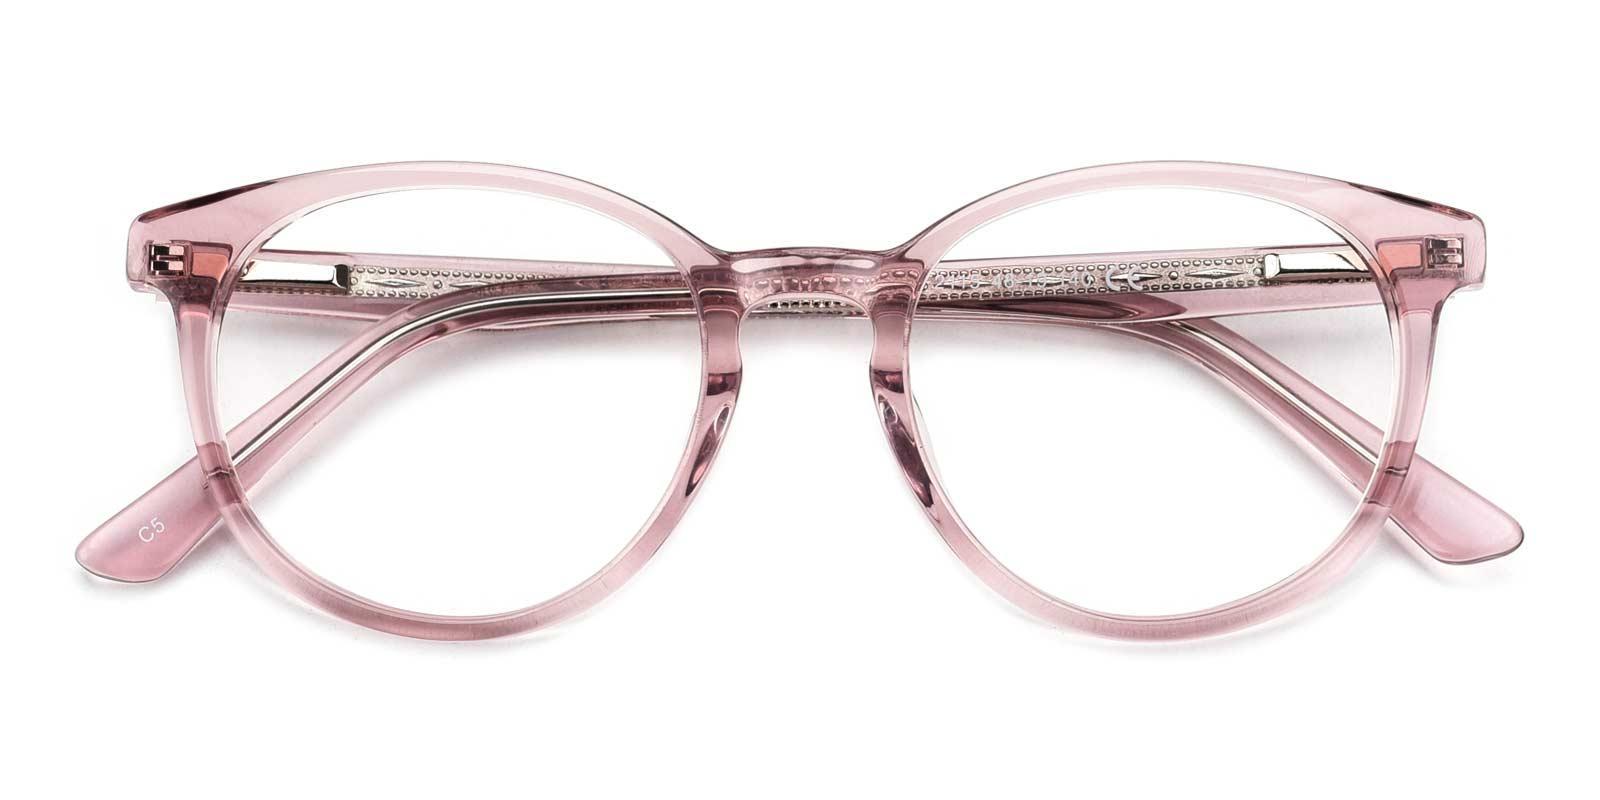 Patti-Pink-Round-Acetate-Eyeglasses-detail